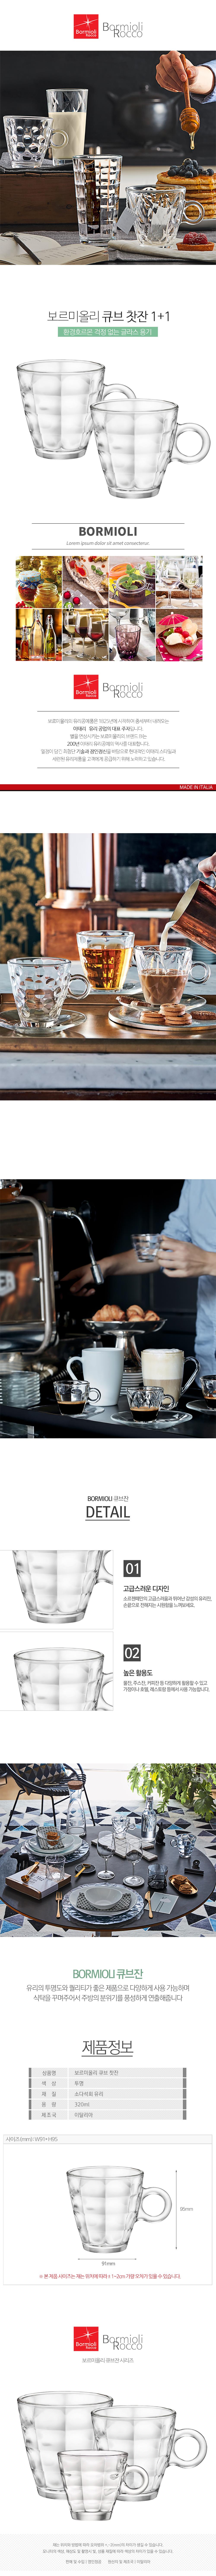 큐브 티컵 310ml 1+1 - 보르미올리로코, 14,500원, 커피잔/찻잔, 커피잔/찻잔